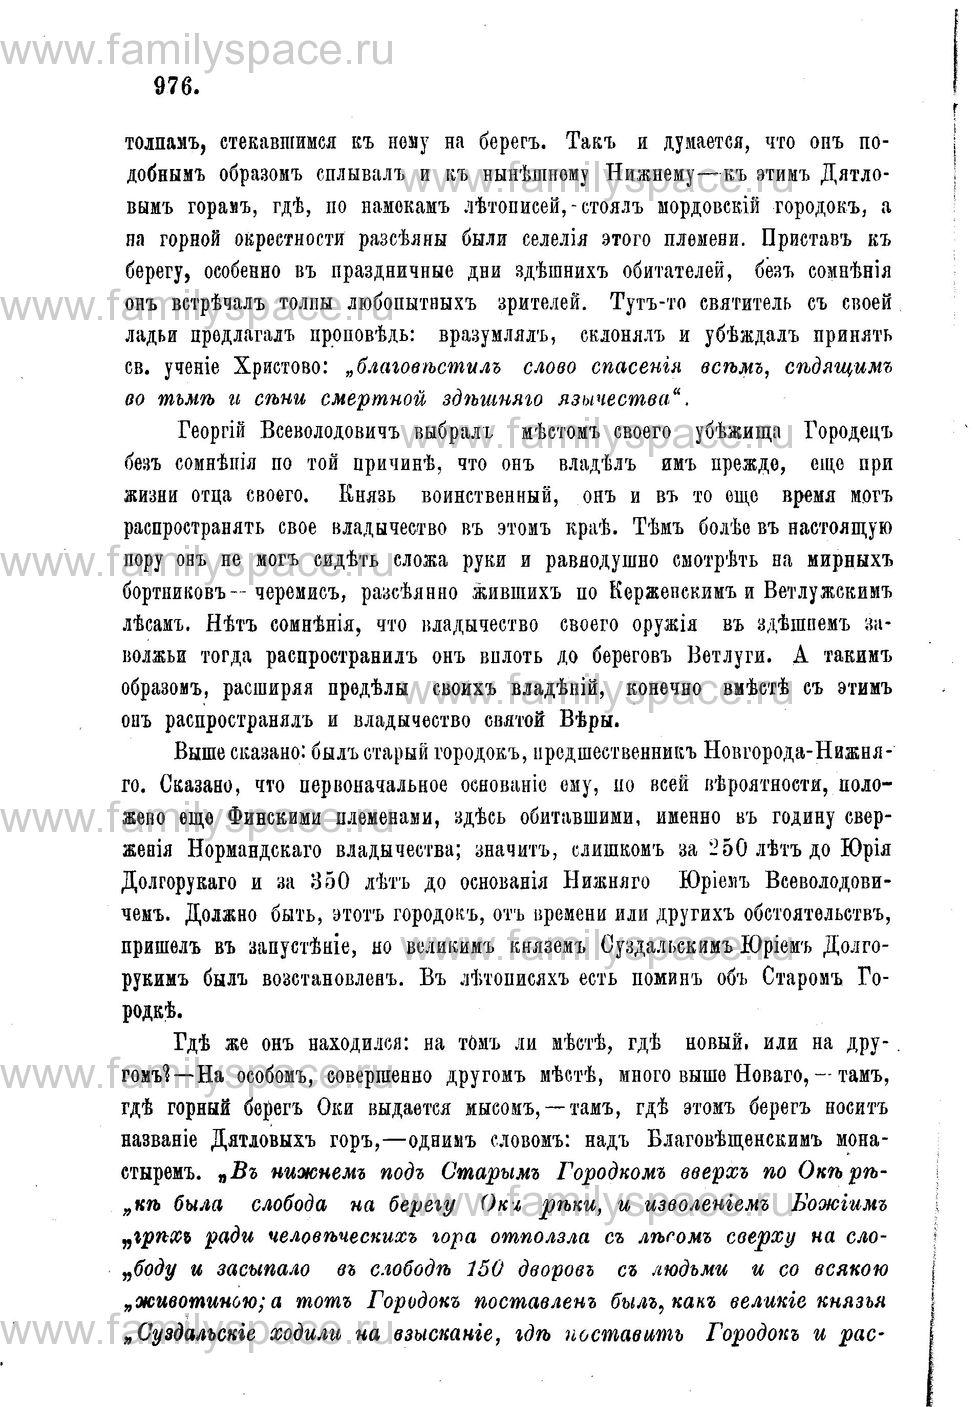 Поиск по фамилии - Адрес-календарь Нижегородской епархии на 1888 год, страница 1976